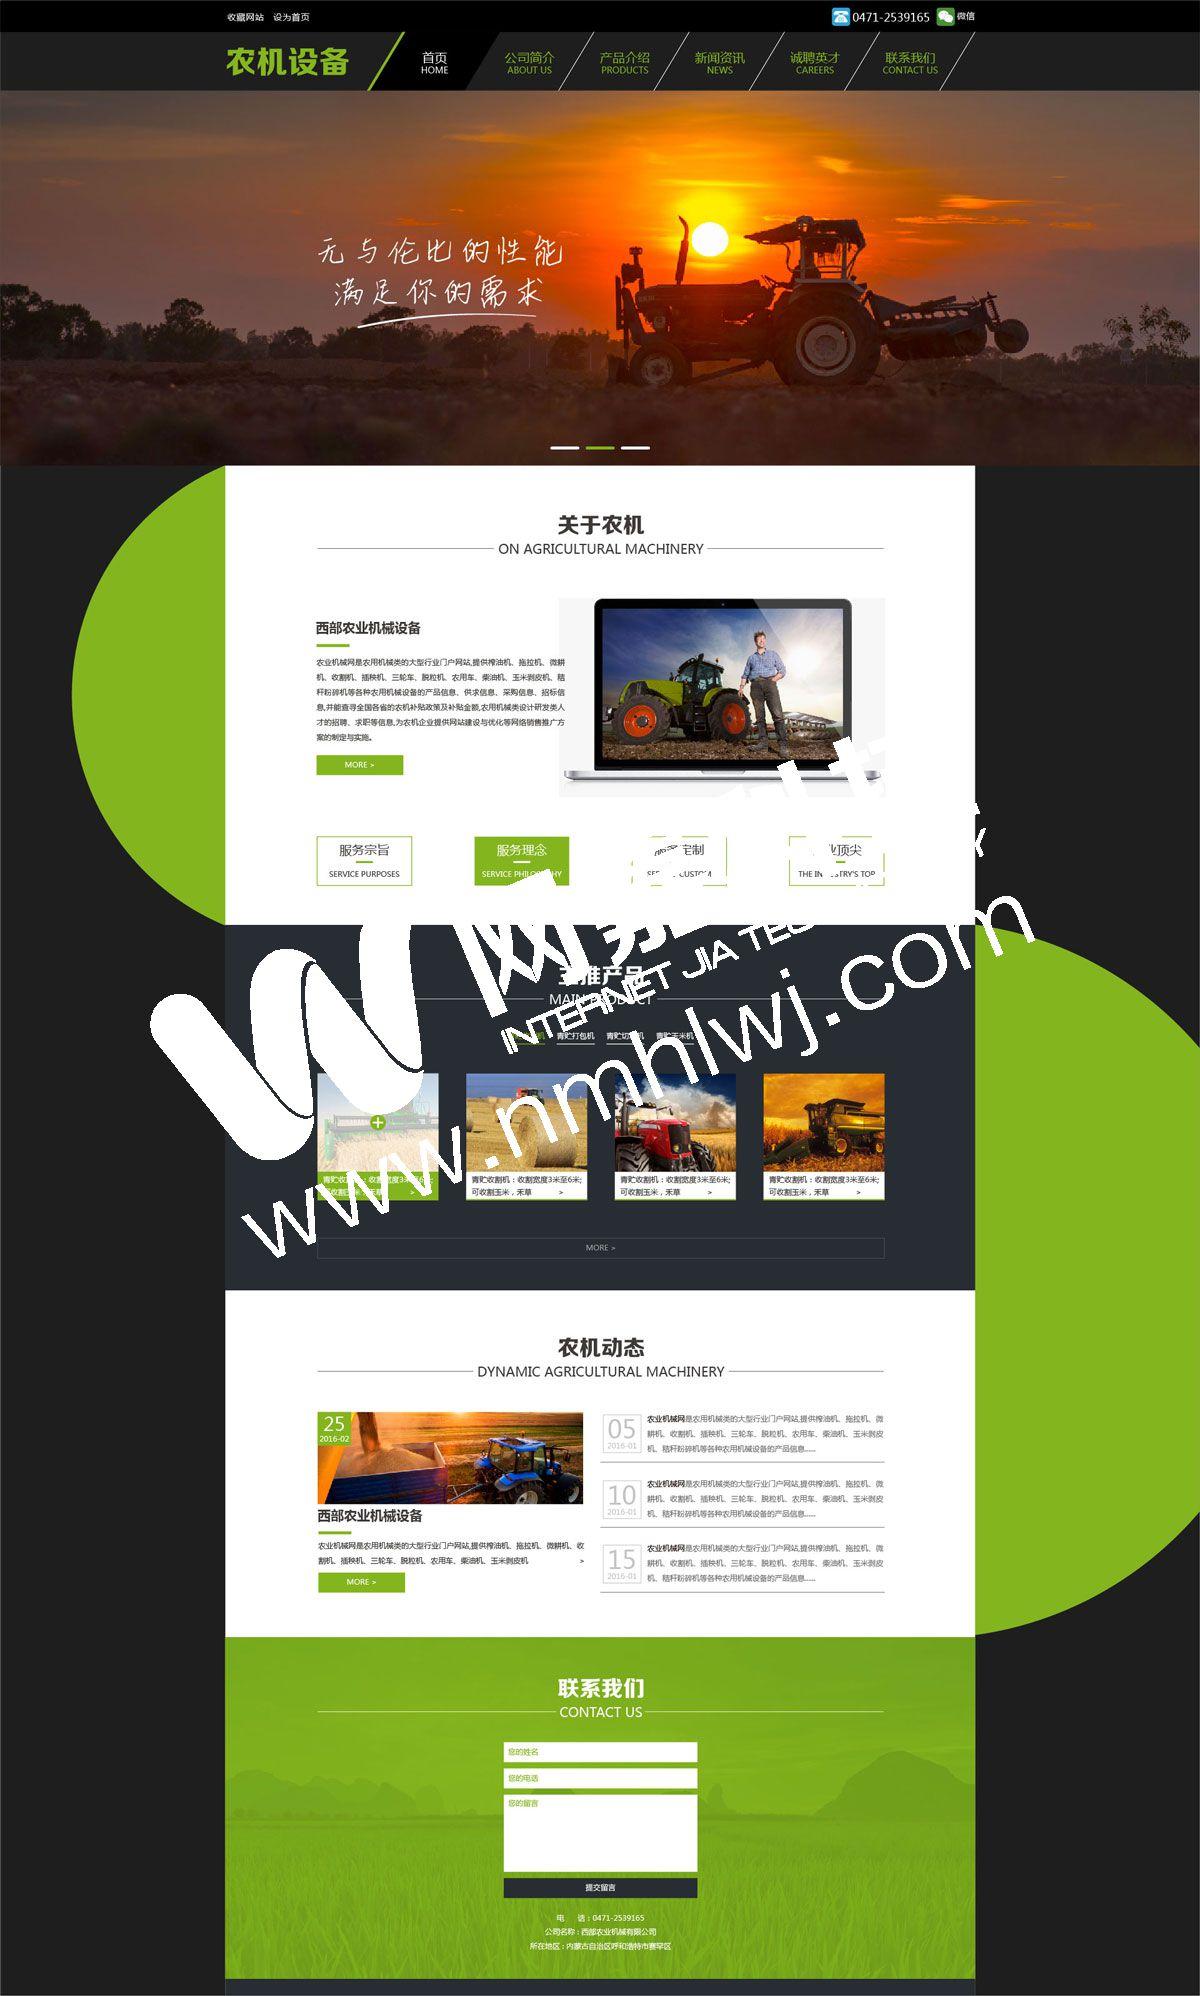 内蒙古网站建设-农业机械设备案例